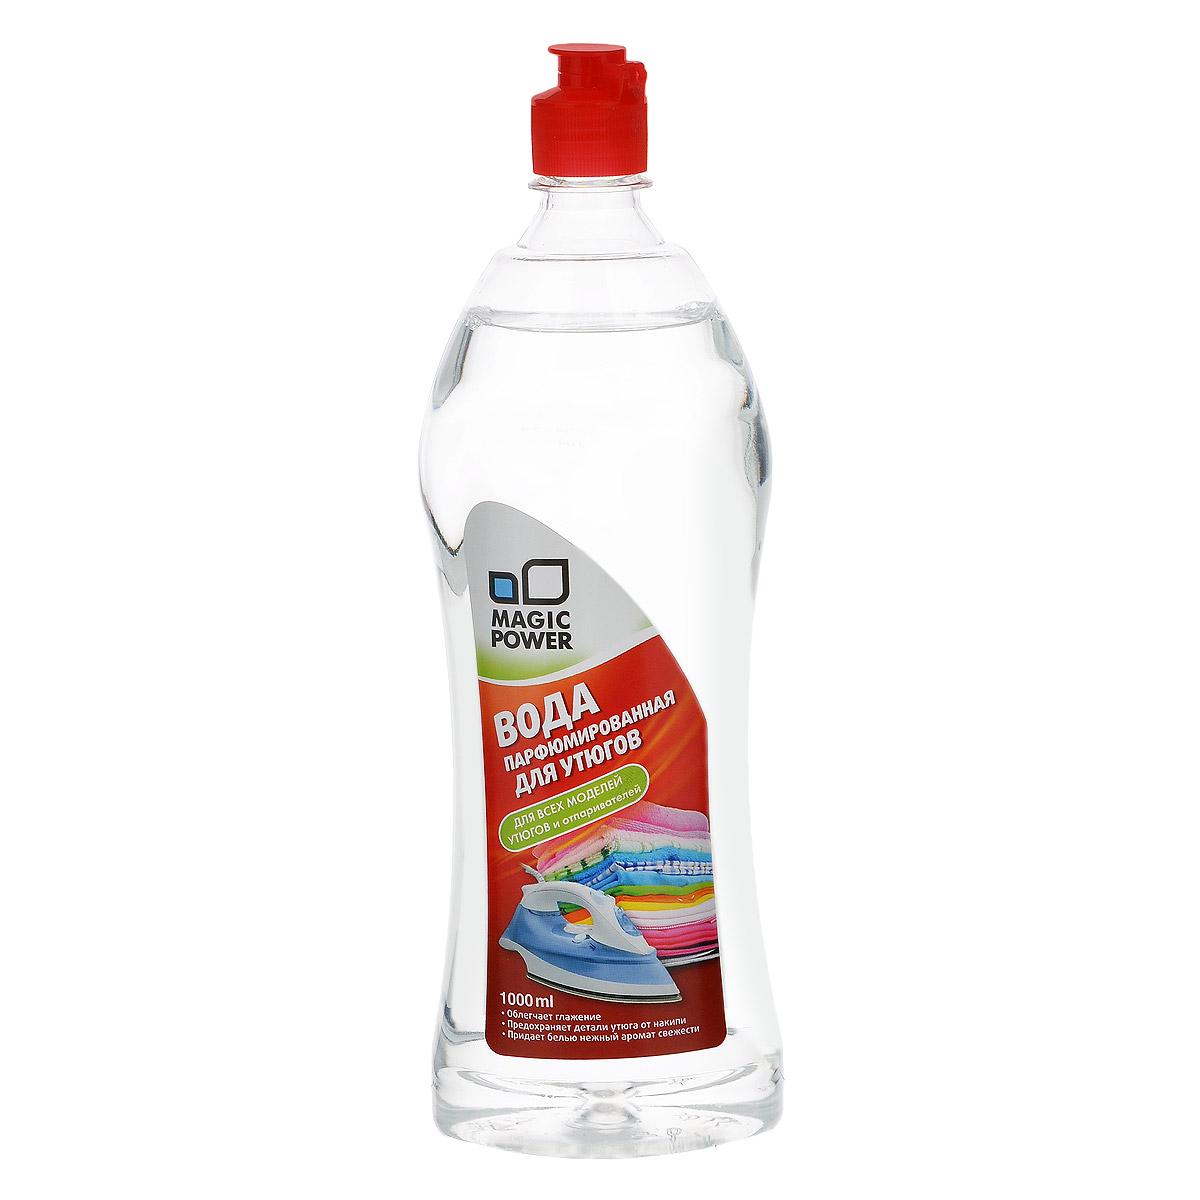 Вода парфюмированная для утюгов